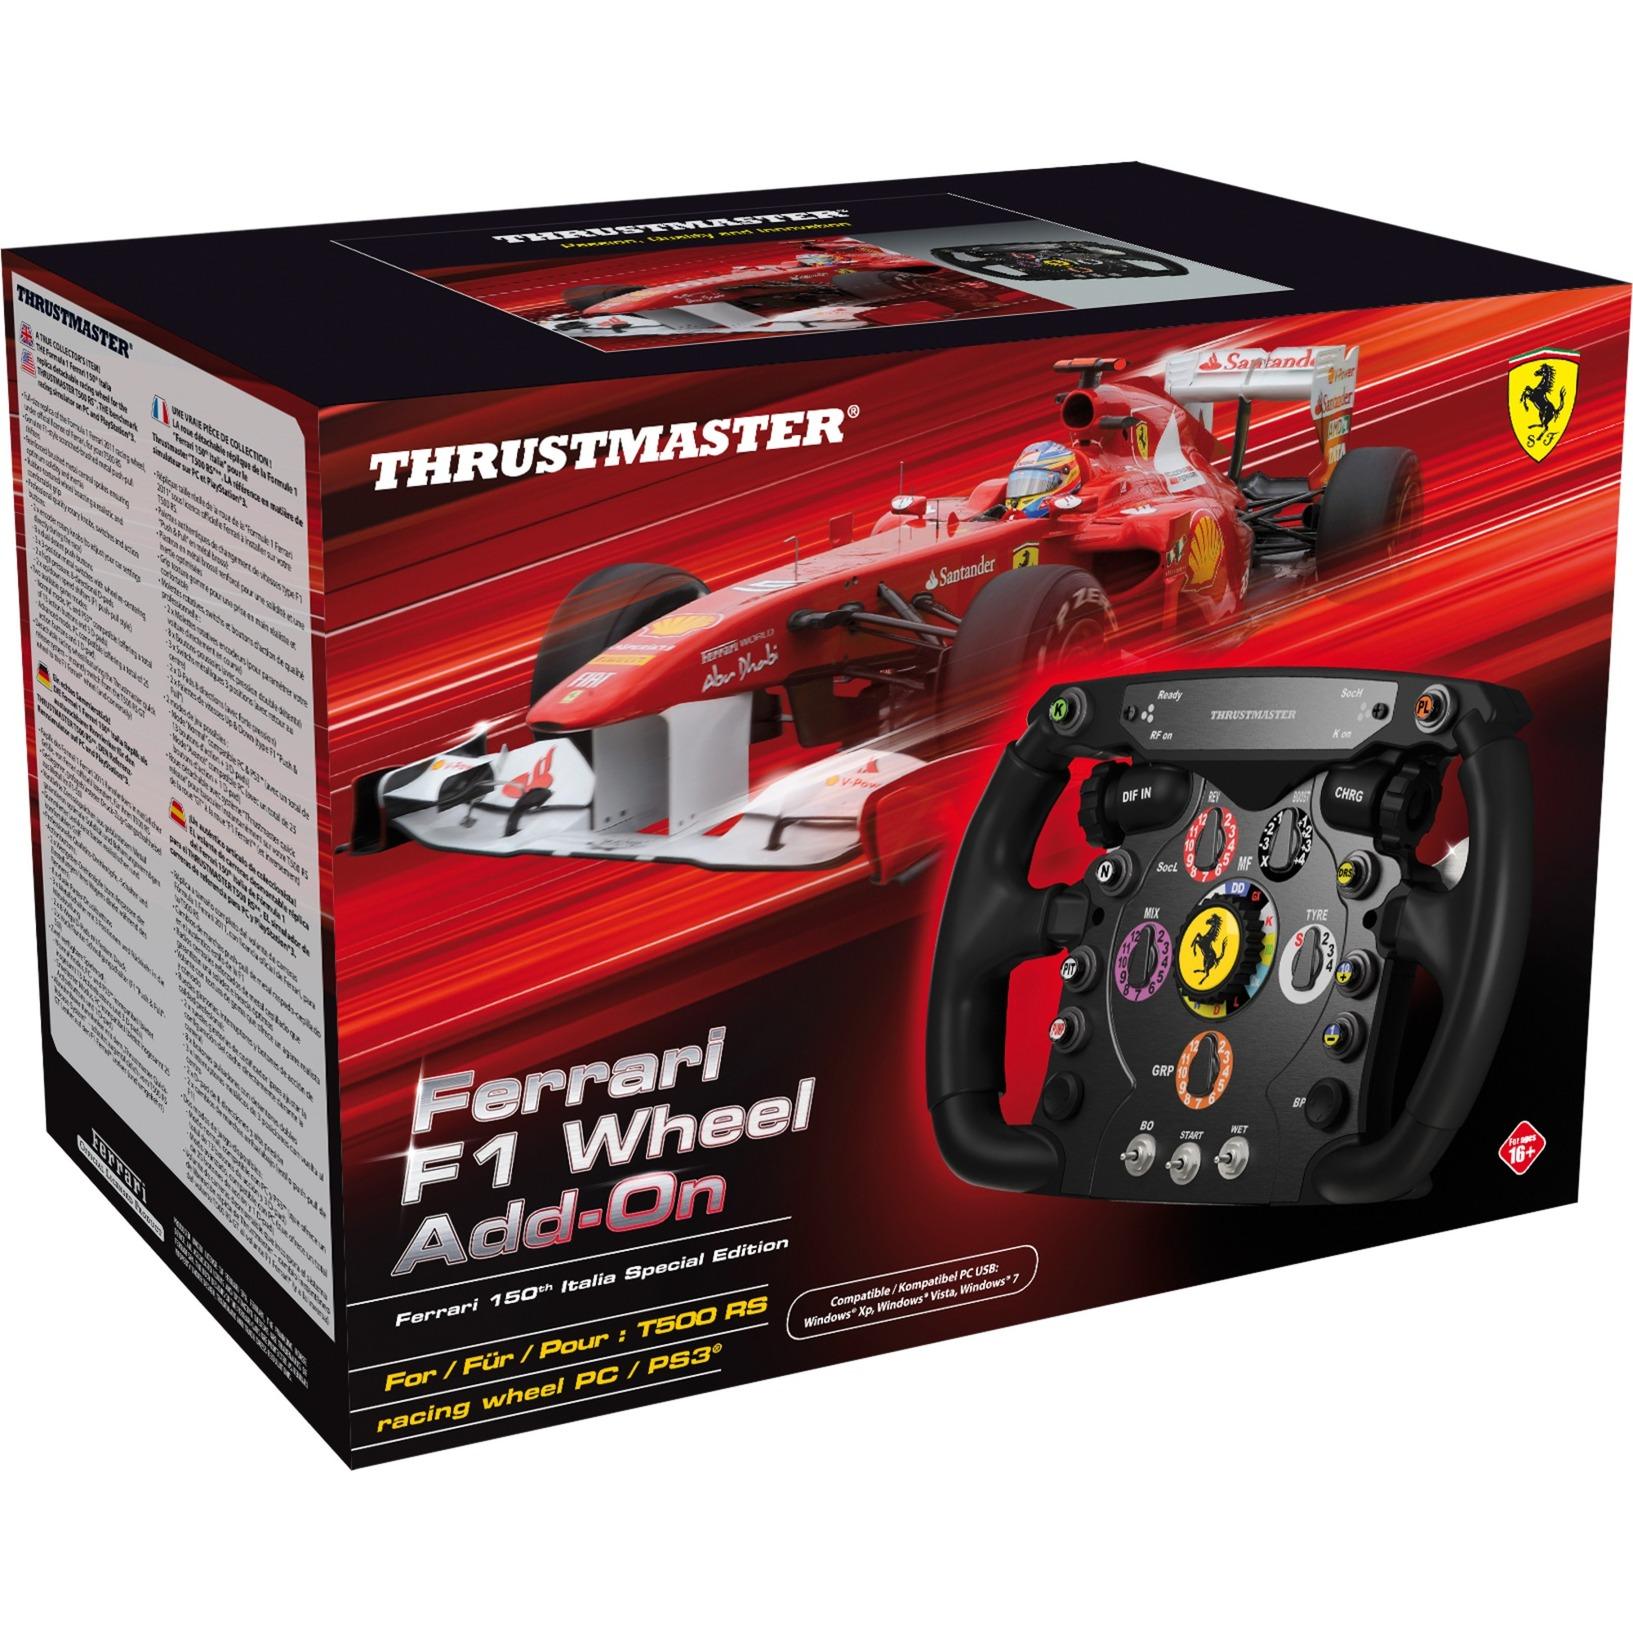 Ferrari F1 Wheel Add-On, Volante de recambio